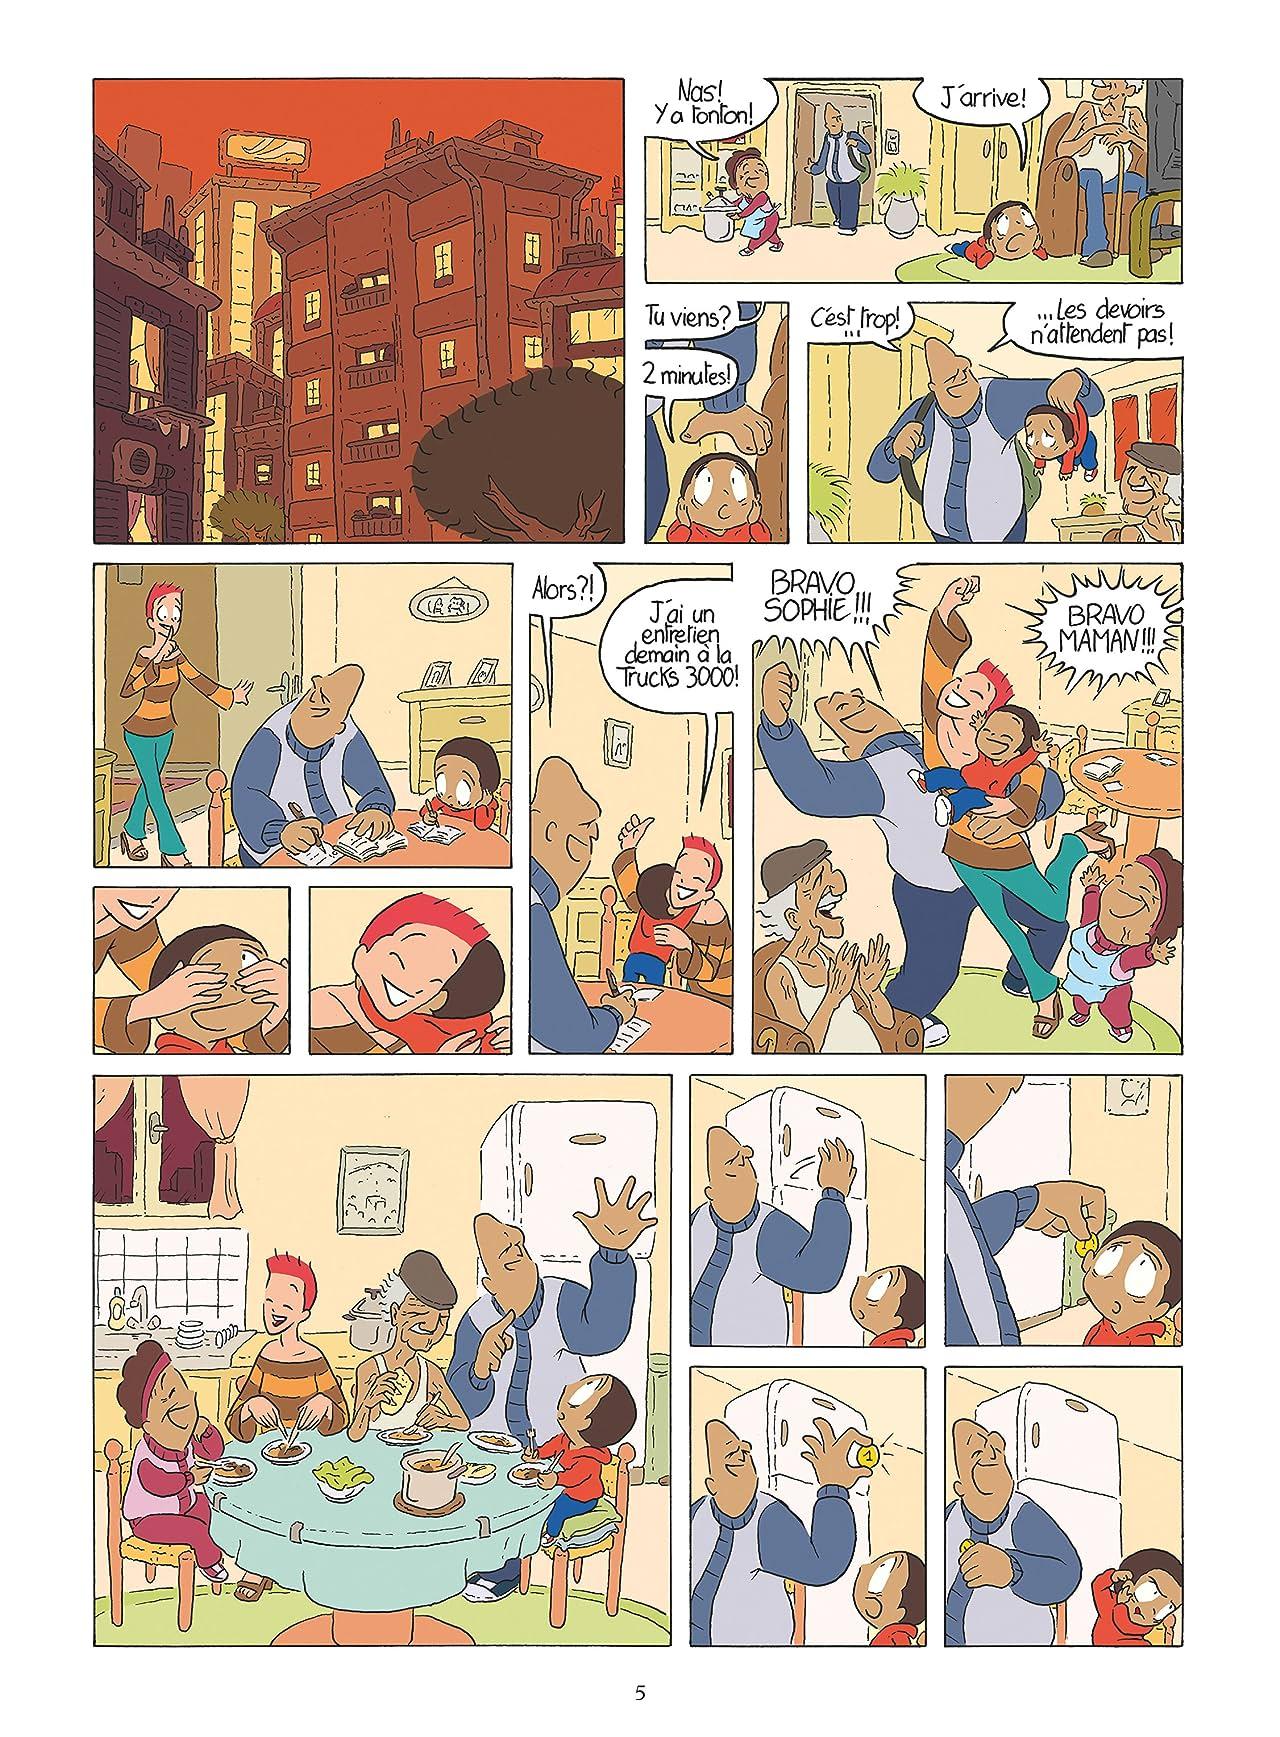 Nas Poids Plume Vol. 1: L'École de la Vie